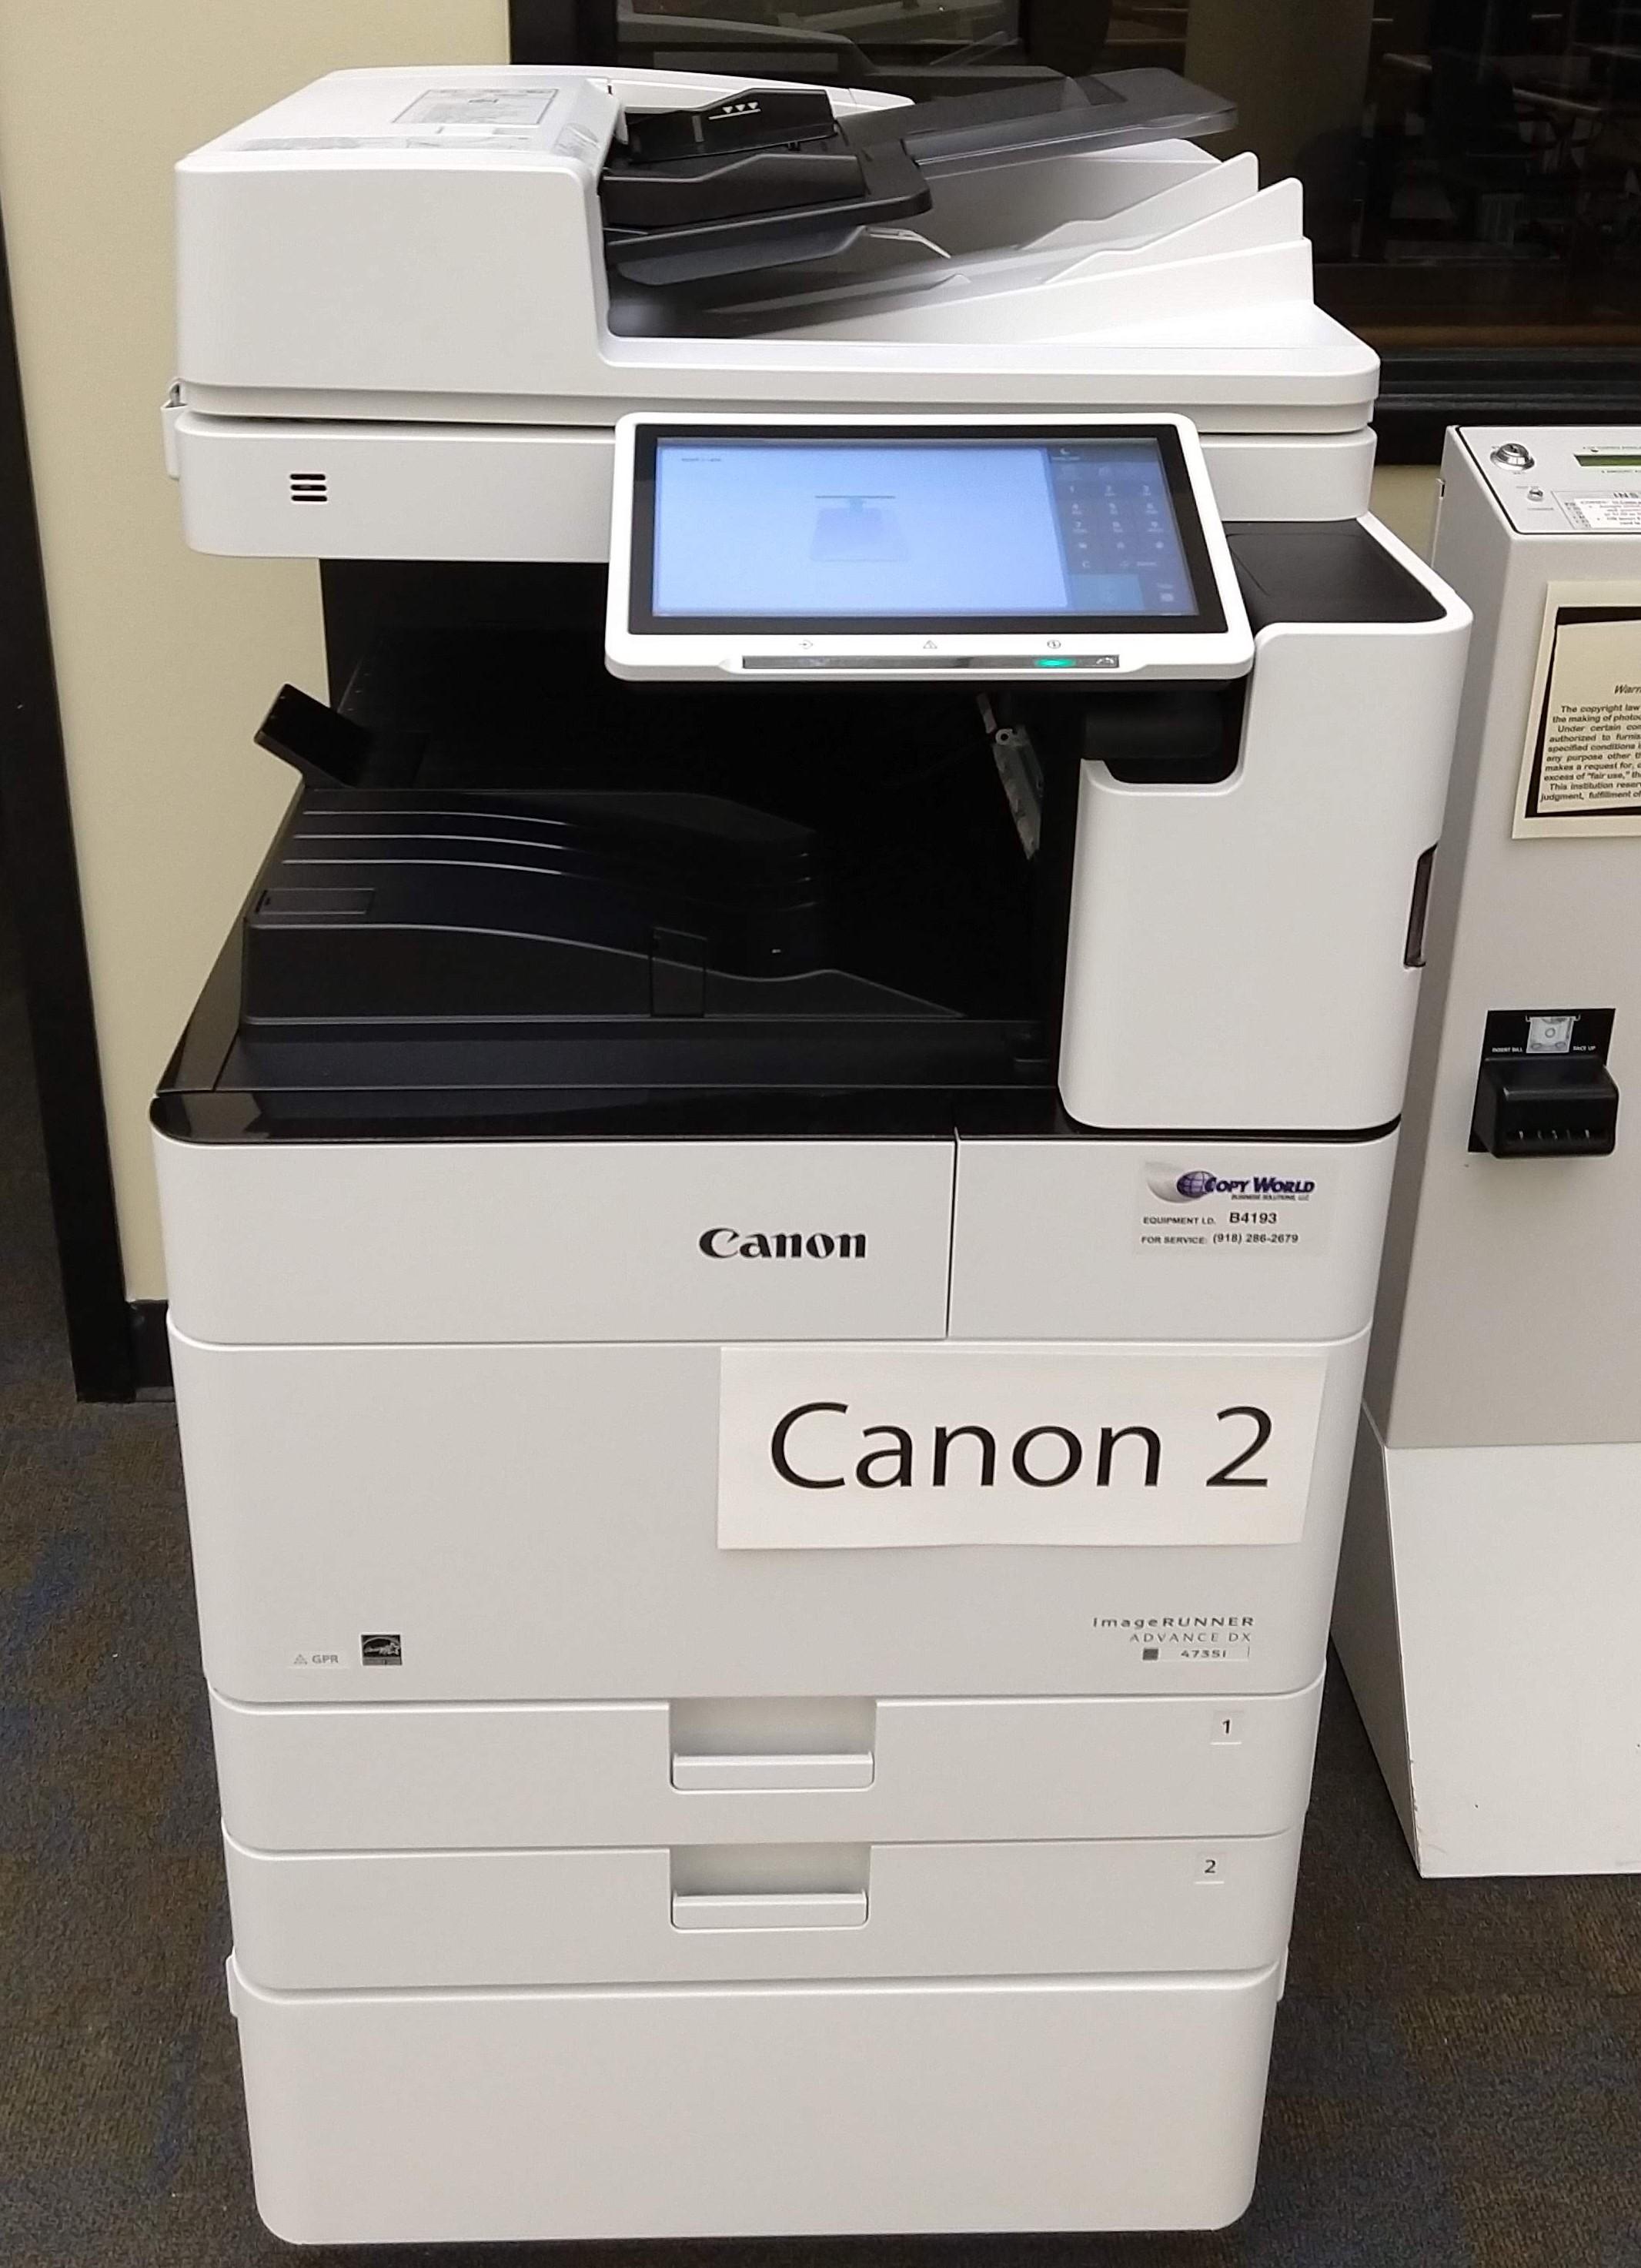 New Canon Printers